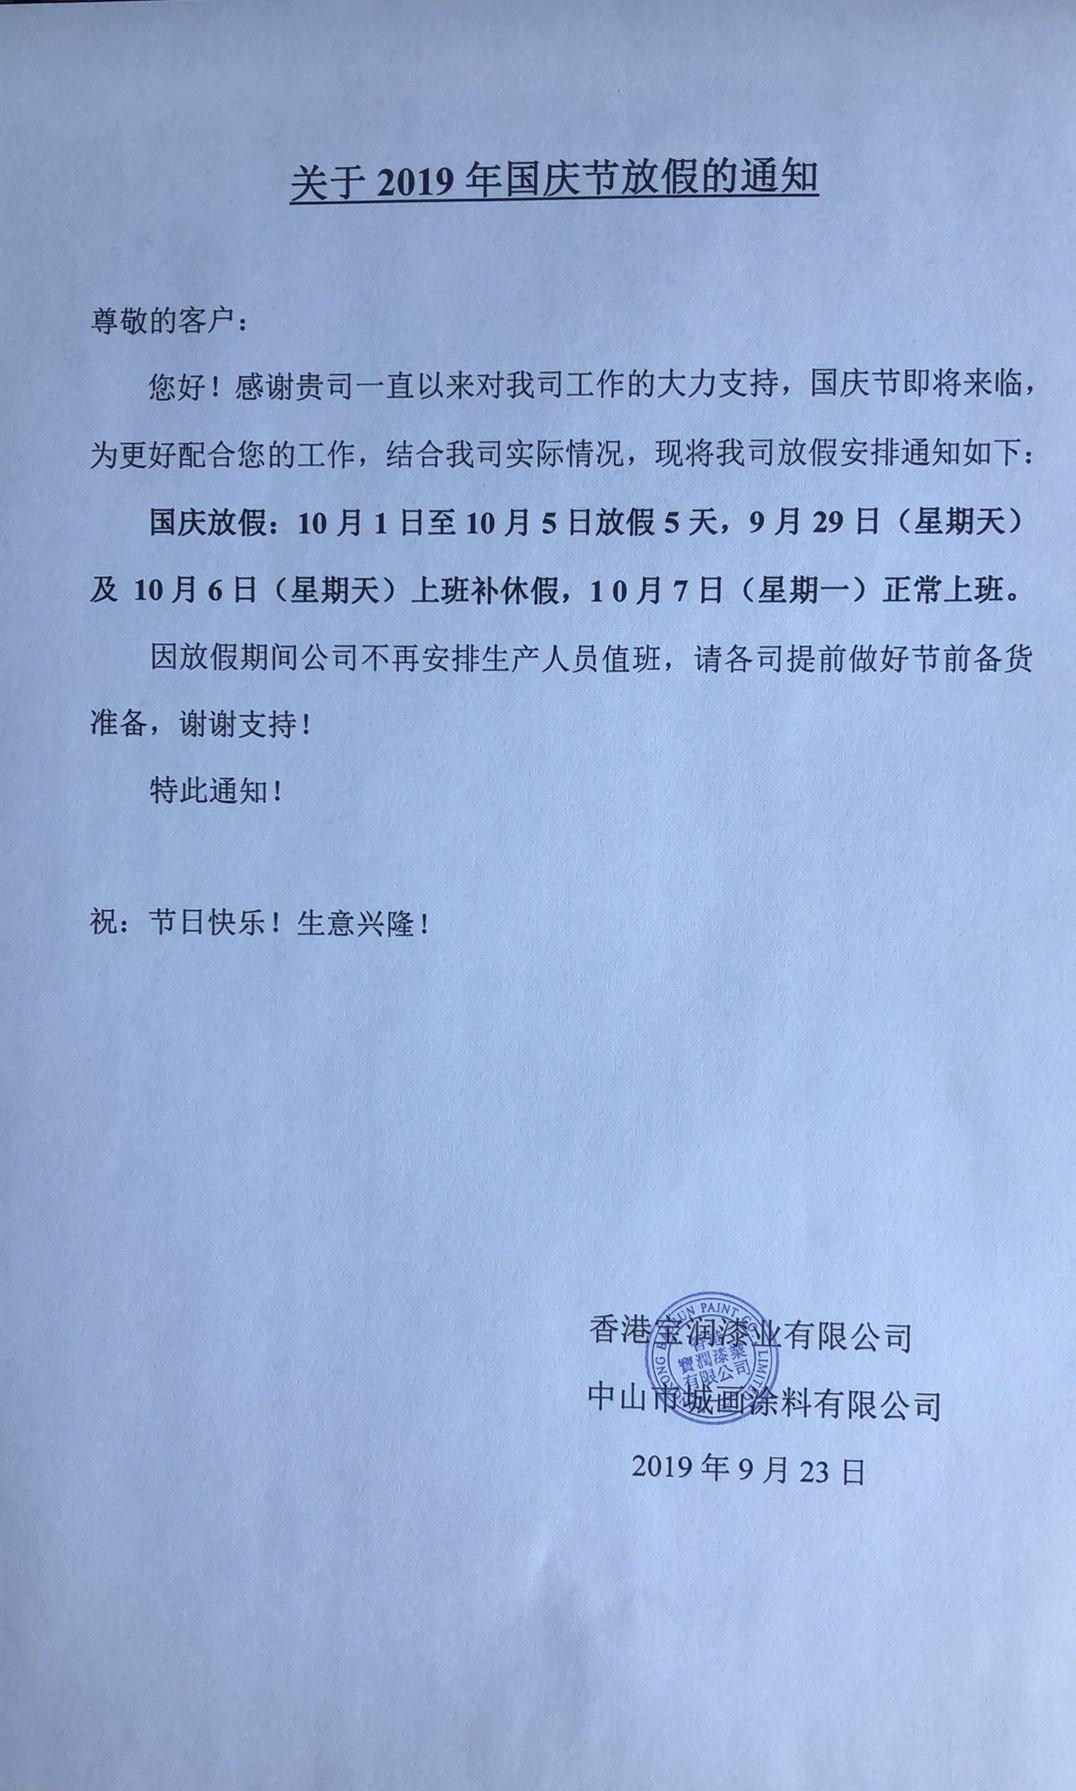 堡润漆2019年国庆节放假通知